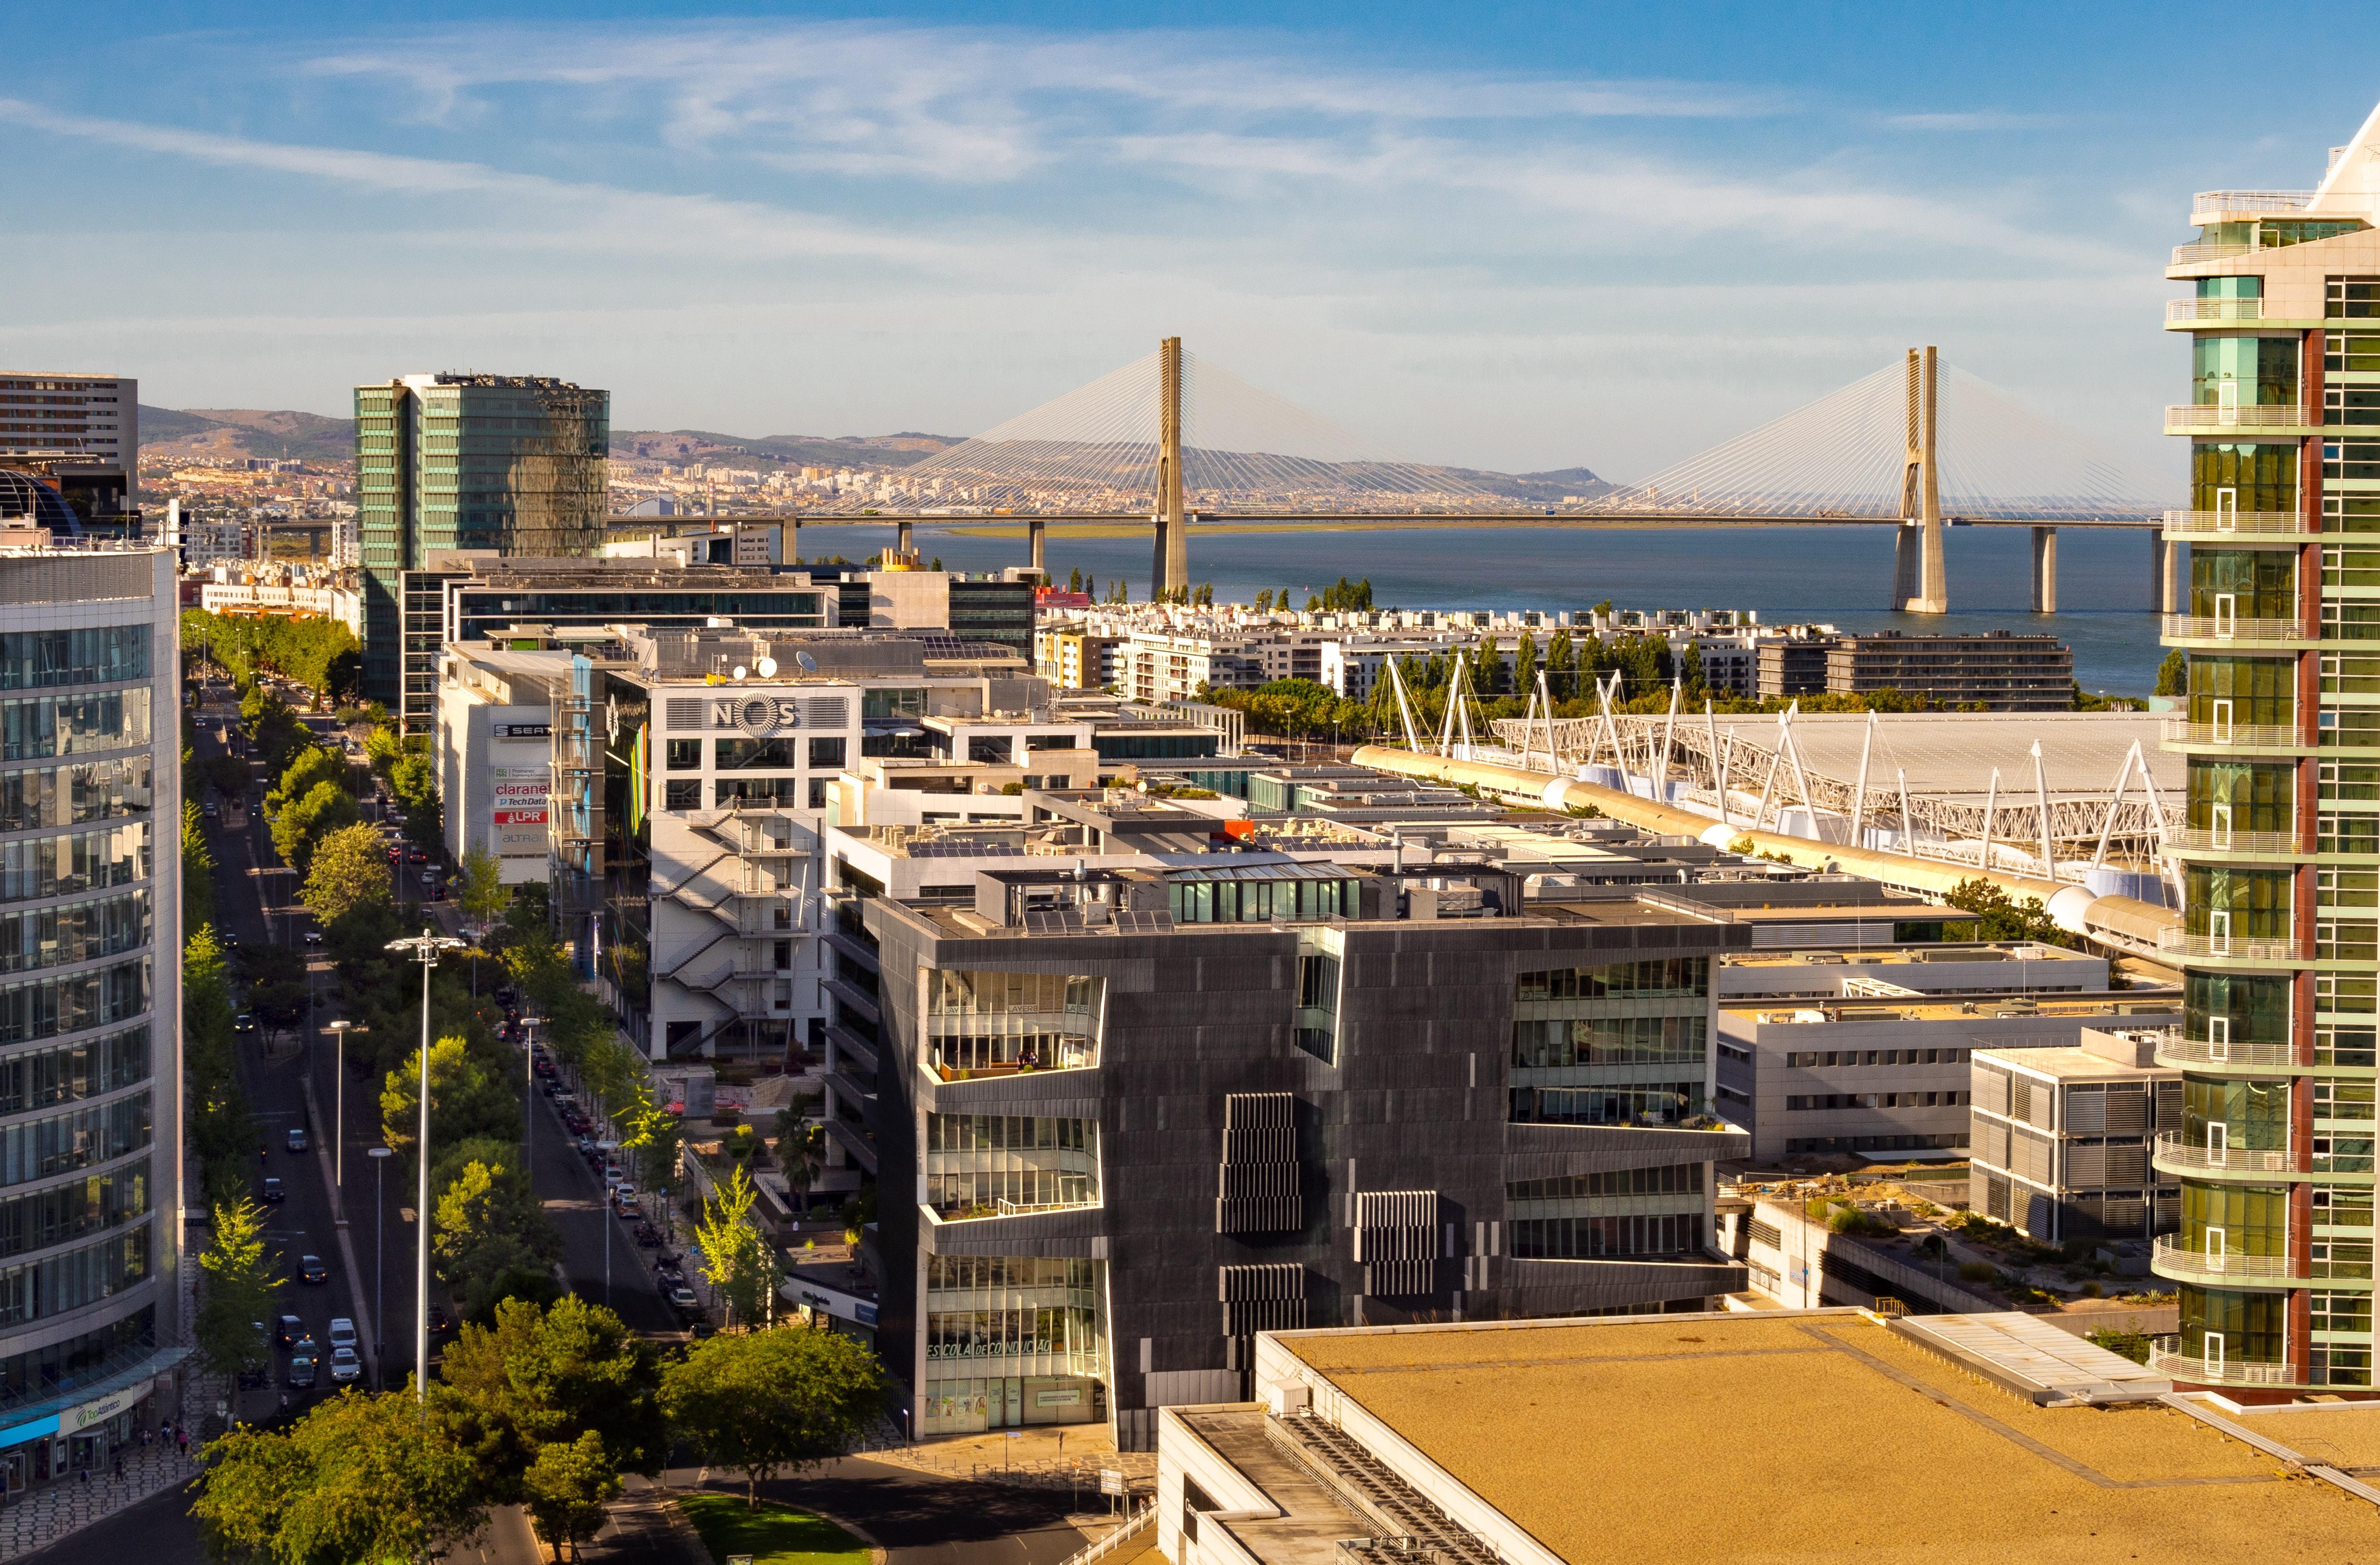 Arrendamento de escritórios em Lisboa